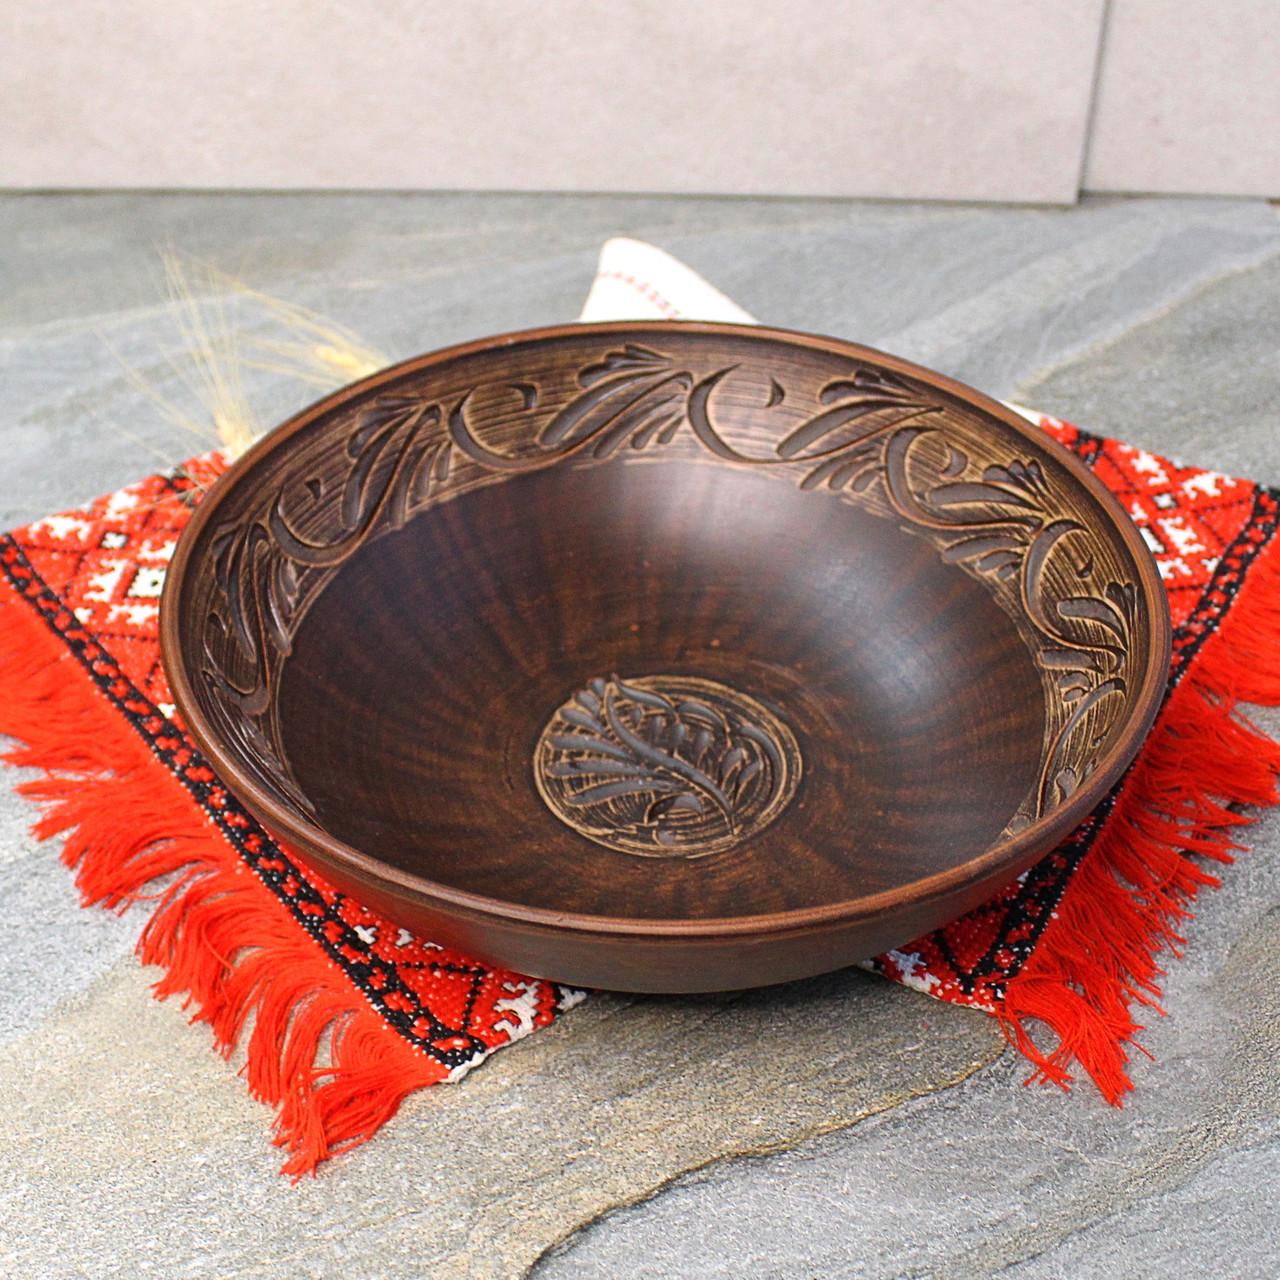 Макітра мала з різкою з червоної глини 25 см 1.4л, український виробник